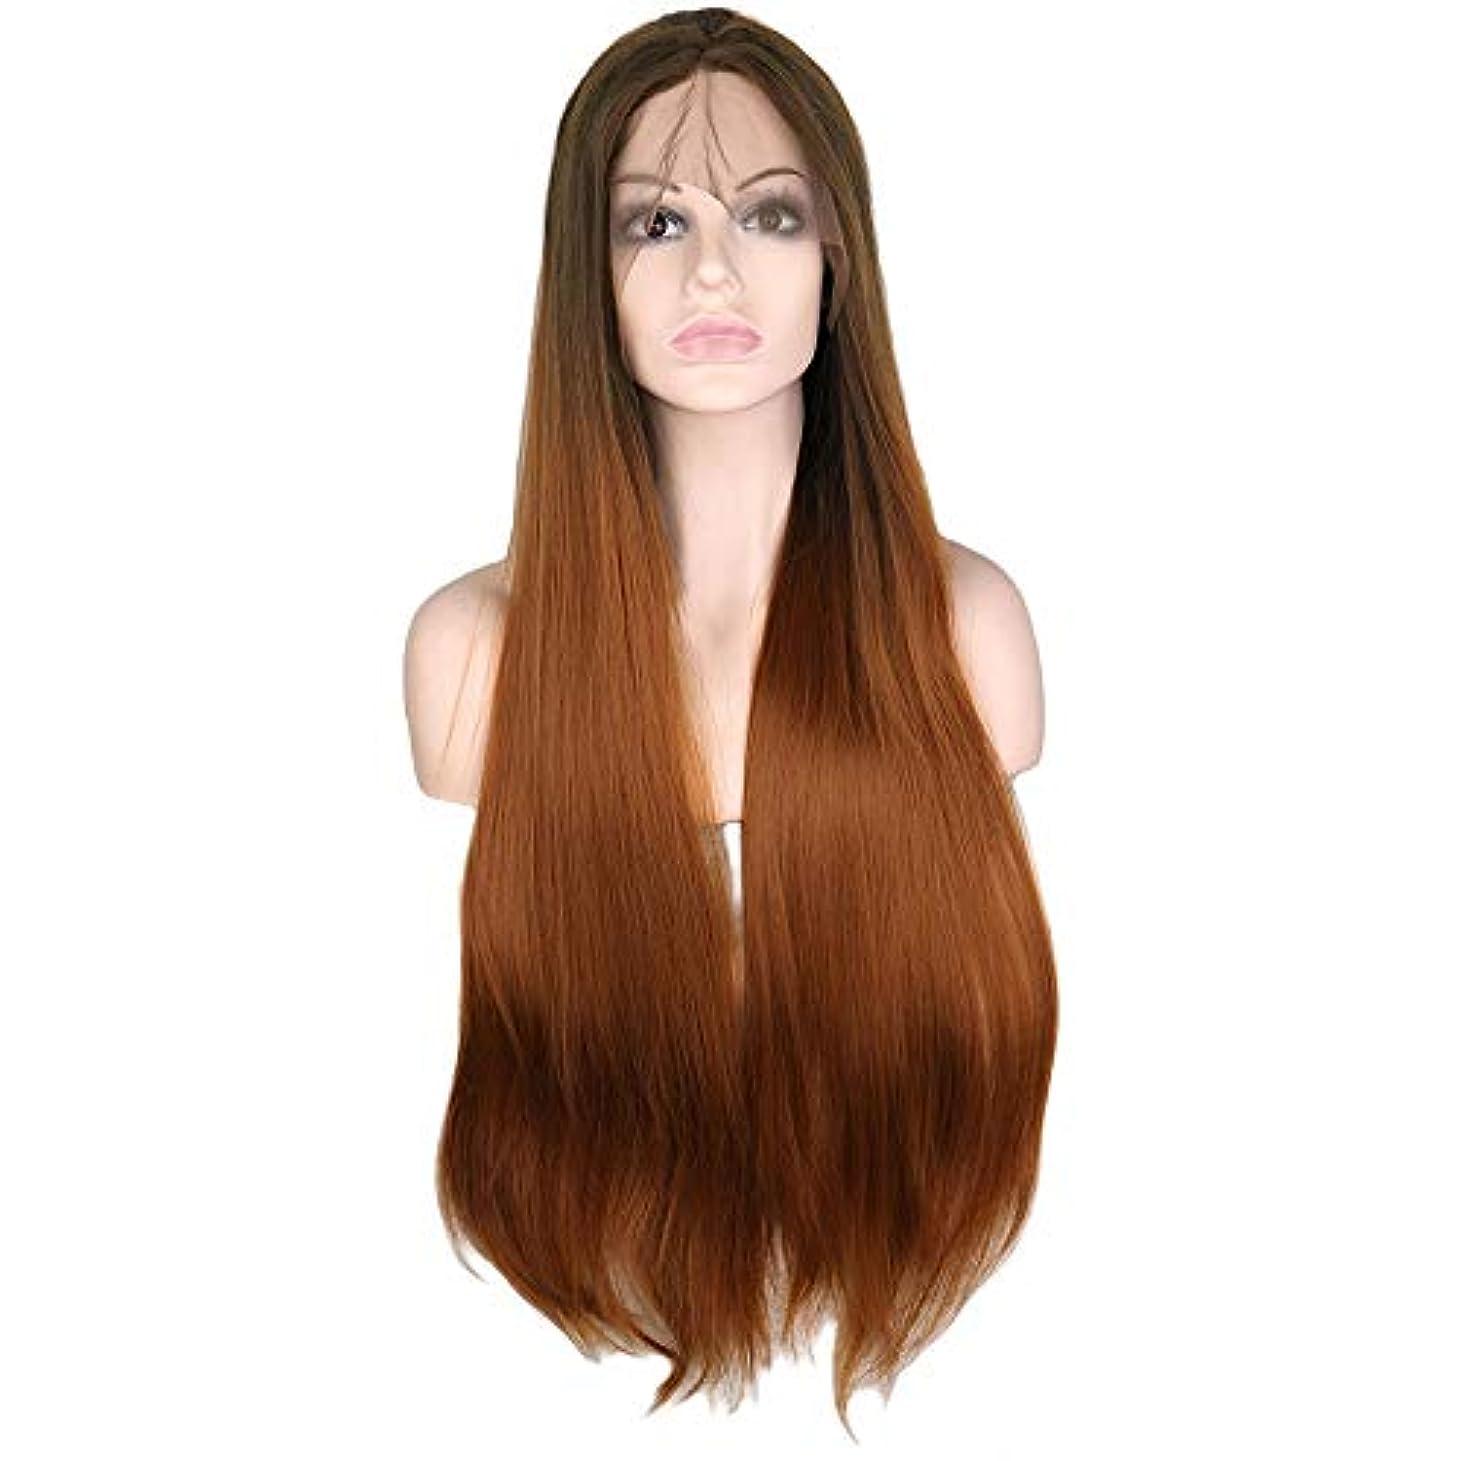 ピクニックをするお包括的ウィッグ つけ毛 30インチレースフロントウィッグオンブルブラウンロングストレートウィッグミドルパートコスプレコスチュームデイリーパーティーウィッグ本物の髪を持つ女性 (色 : Ombre Brown, サイズ : 30